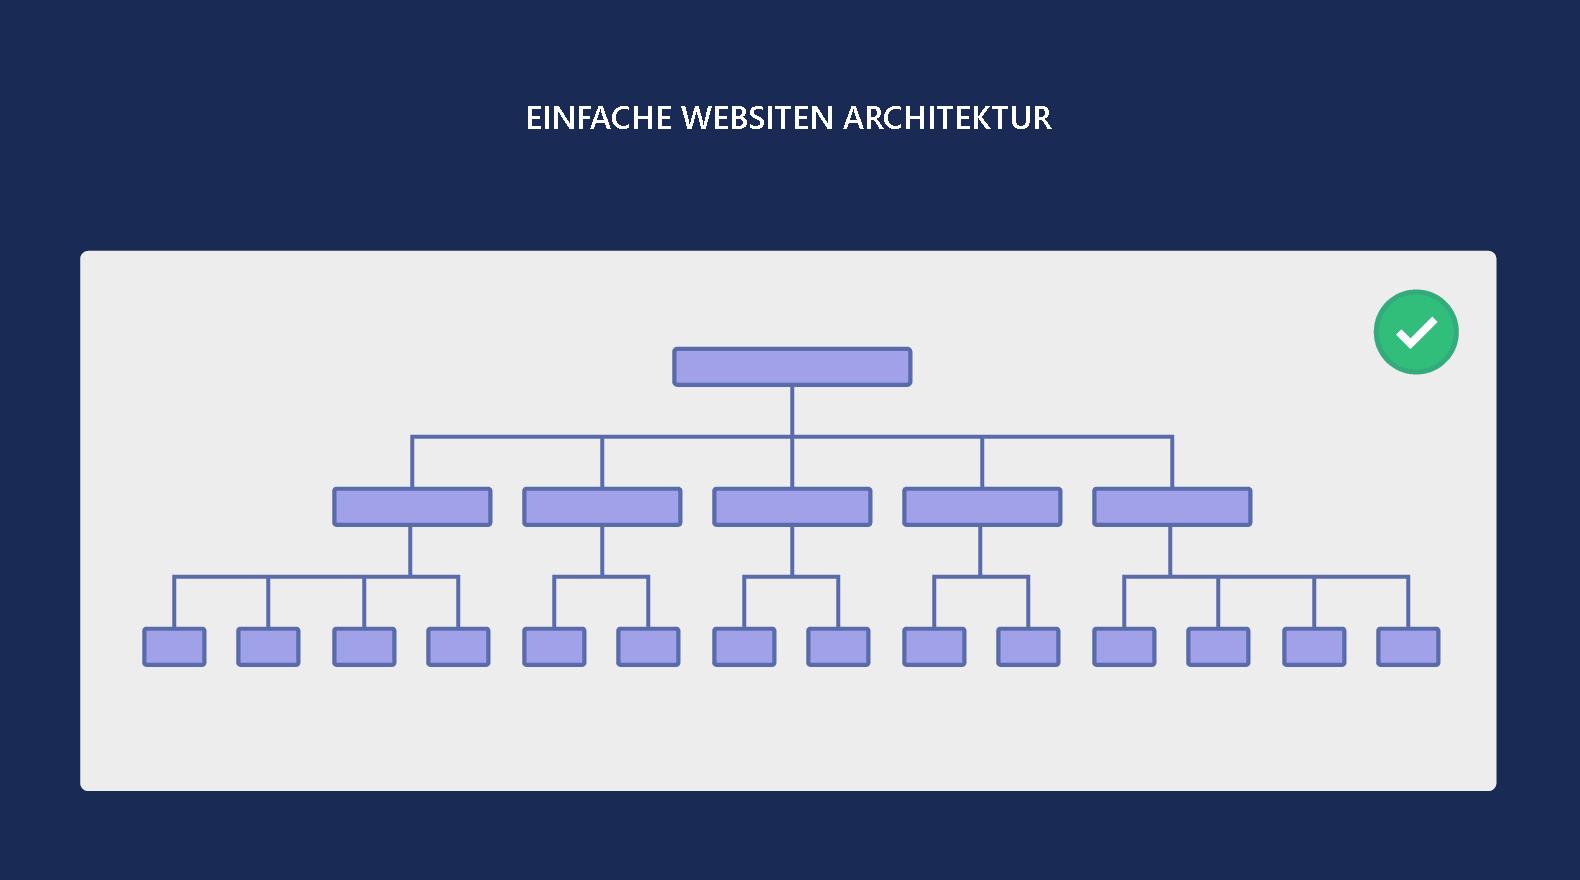 Einfache Websiten Architektur